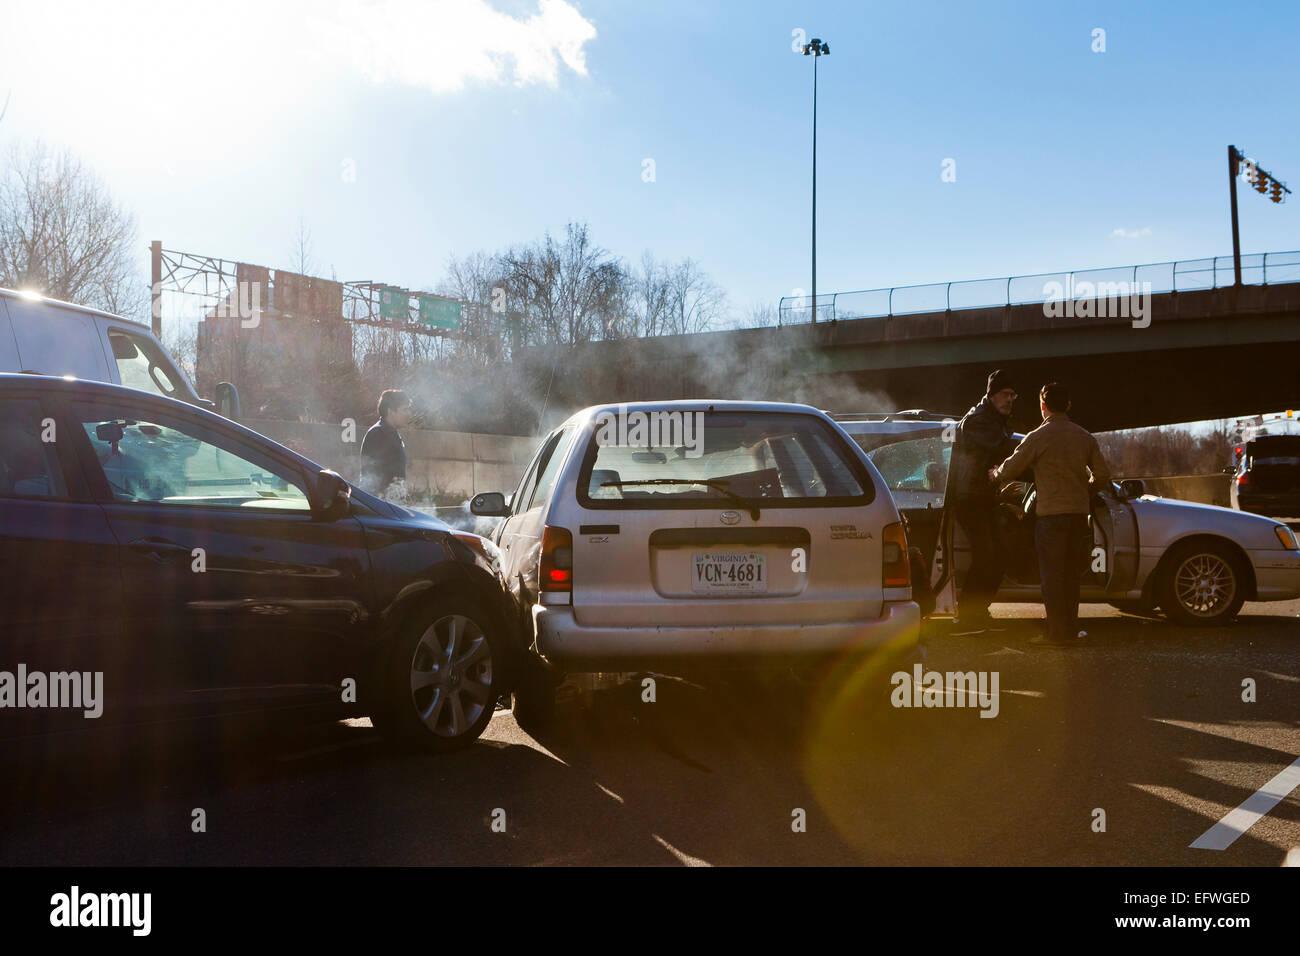 Vehículo múltiple accidente de auto en la carretera - EE.UU. Imagen De Stock